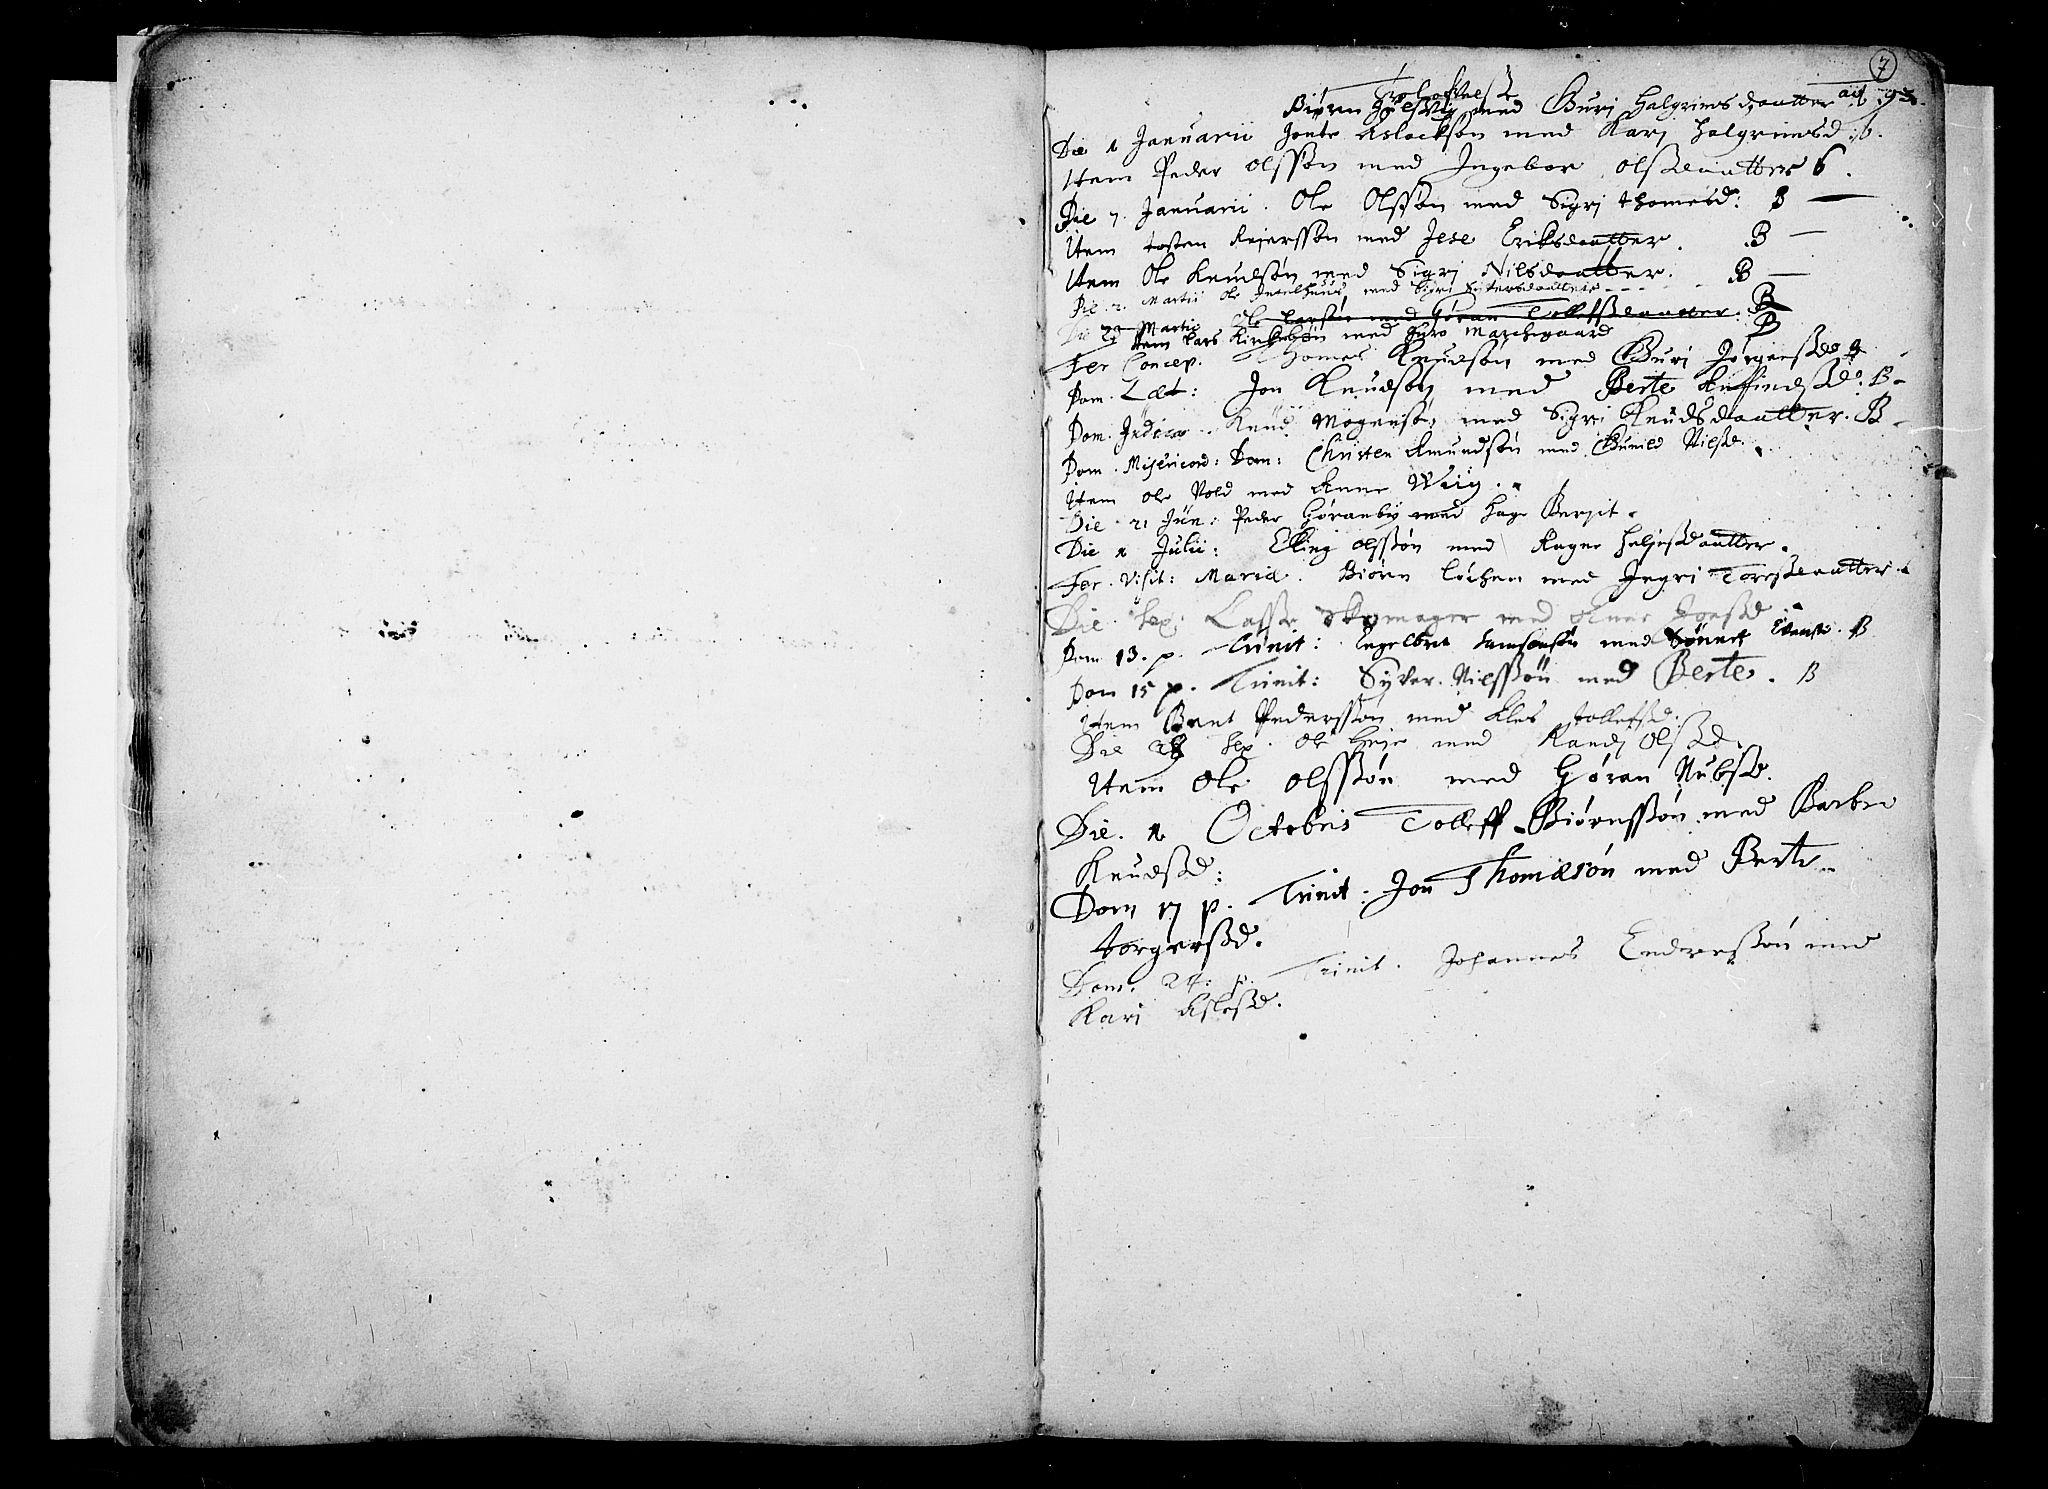 SAKO, Nes kirkebøker, F/Fa/L0001: Ministerialbok nr. 1, 1693-1706, s. 7